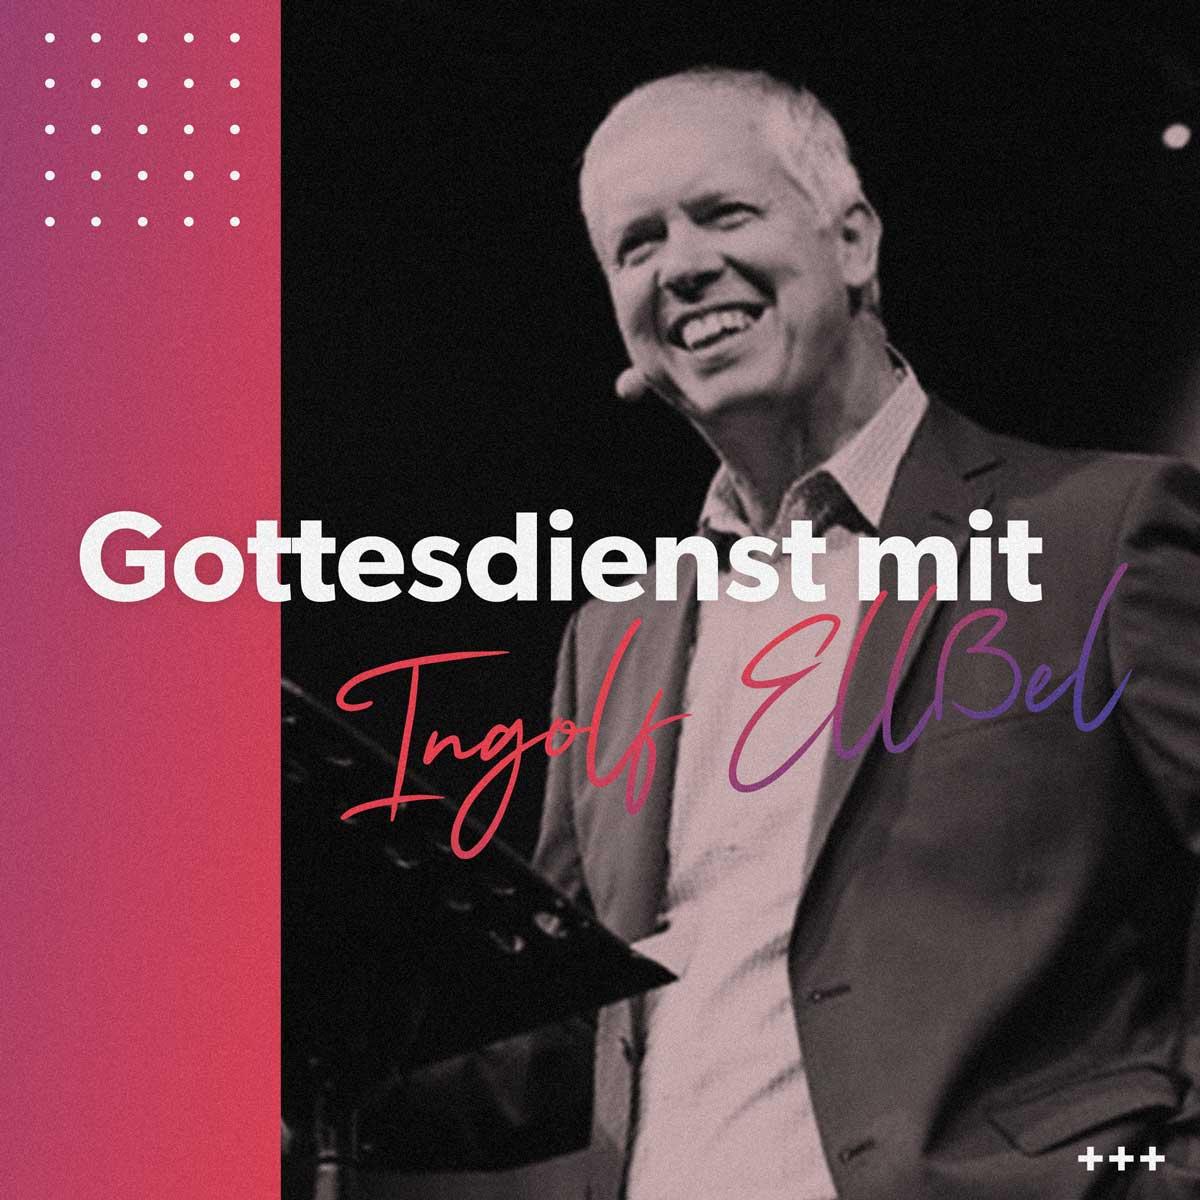 Gottesdienst mit Ingolf Ellßel